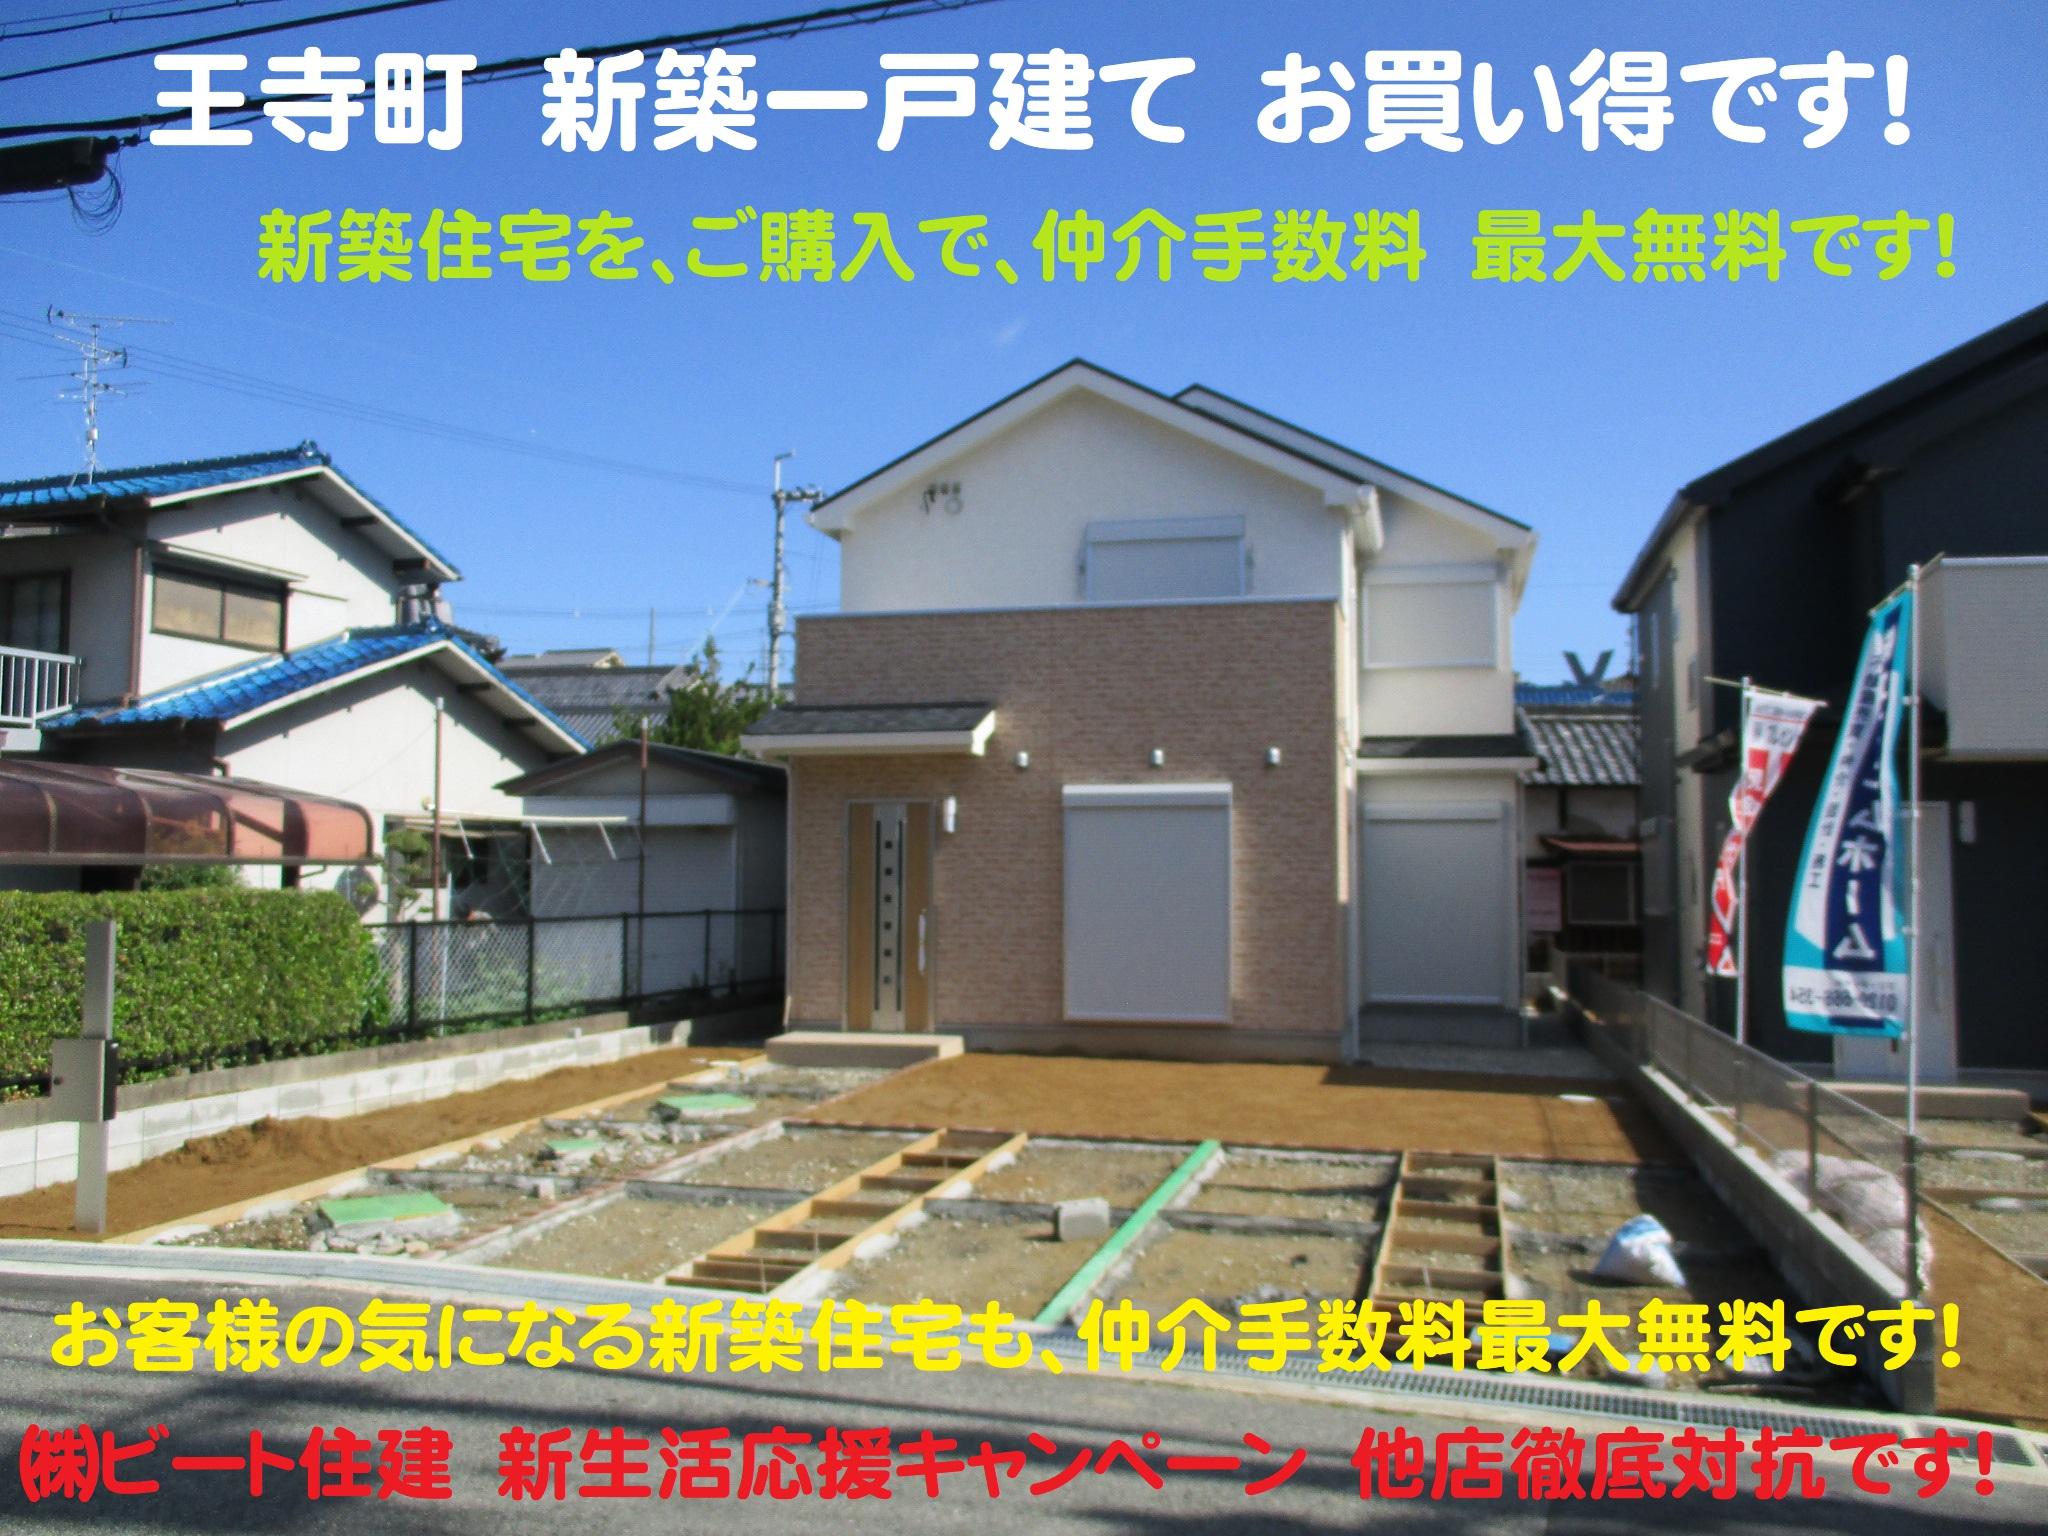 奈良県 新築一戸建て 王寺町  新築 ご購入で、仲介手数料 最大無料です。